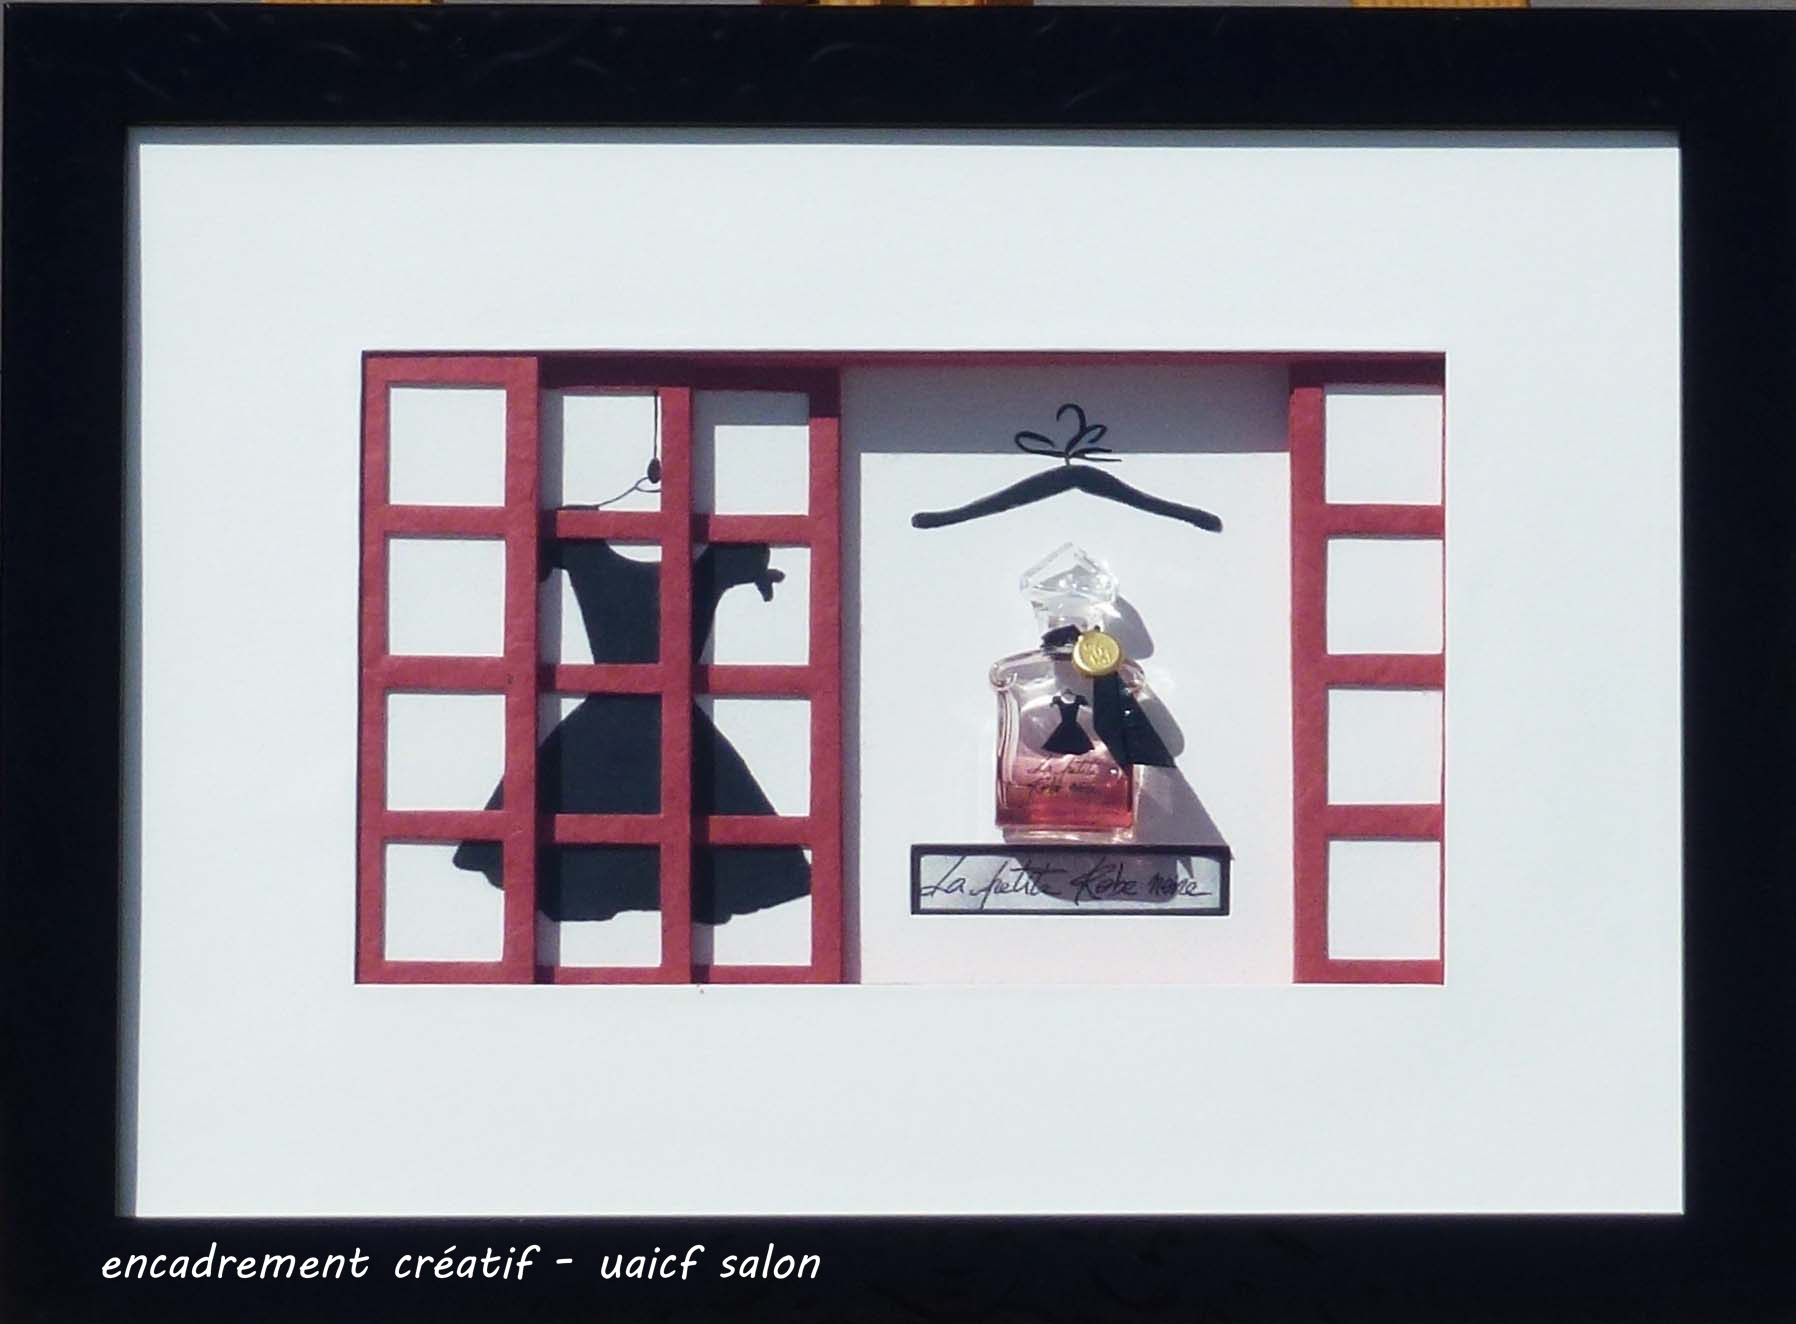 Parfum Petite robe noire  fenêtre